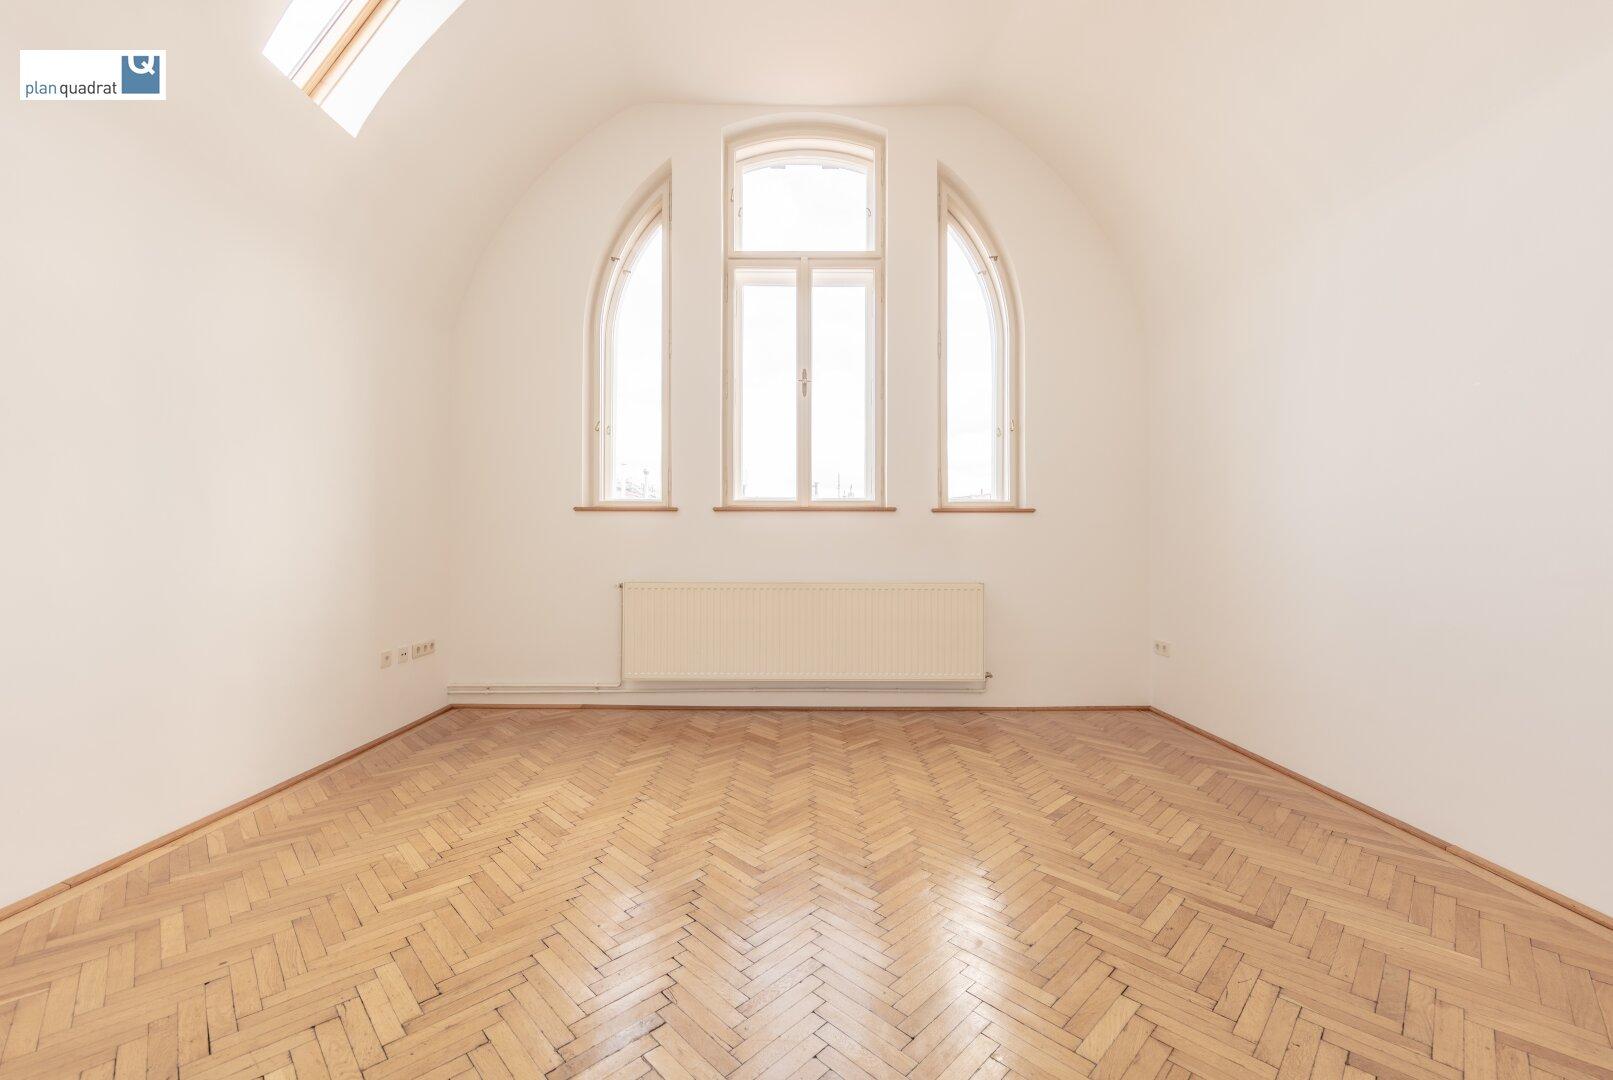 Atelier-Hauptraum (ca. 21,20 m²)